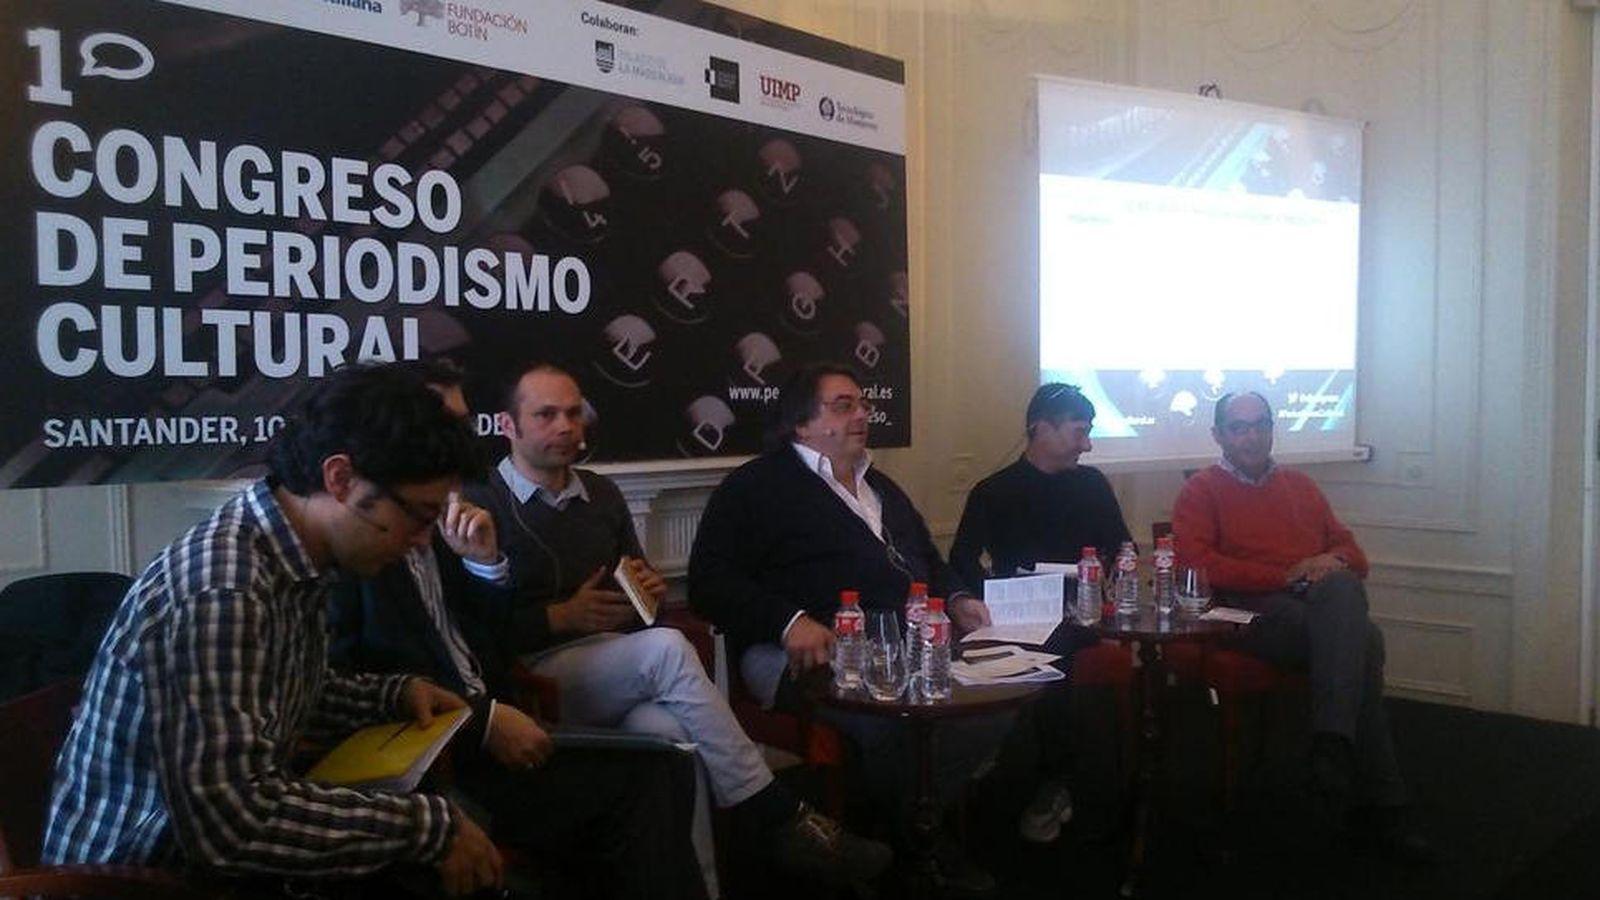 Foto: I Congreso de Periodismo Cultural